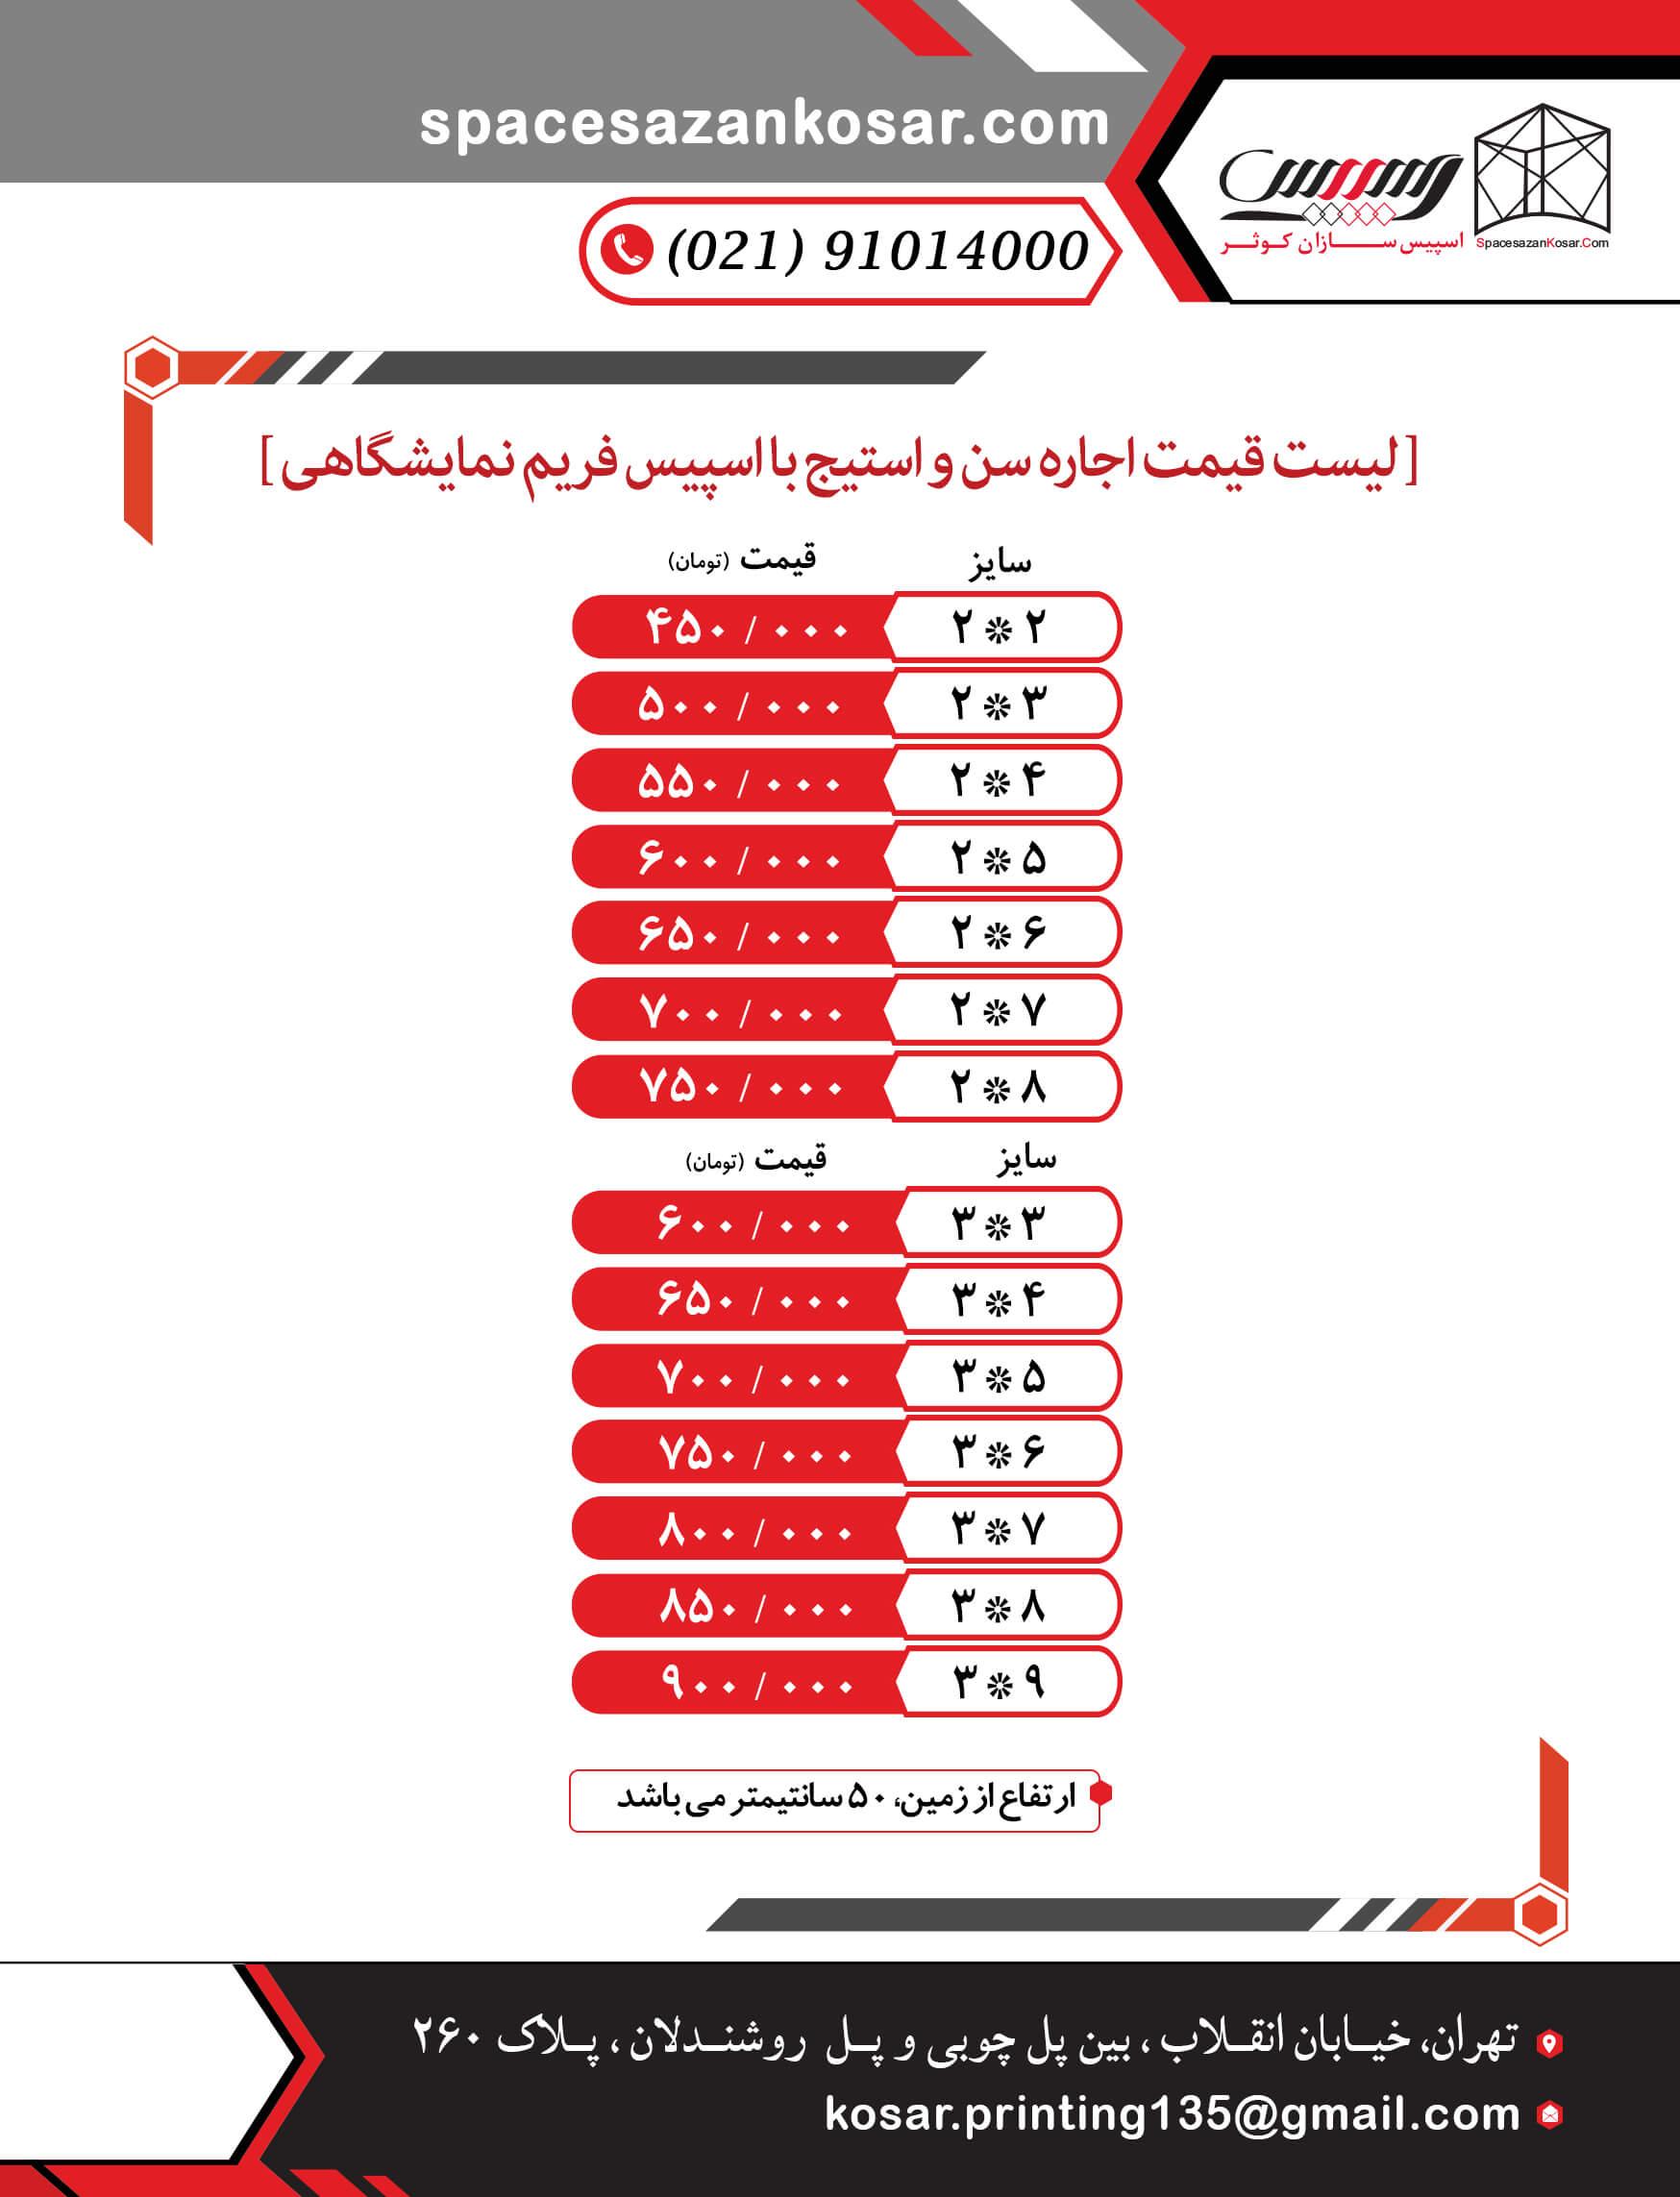 لیست قیمت اجاره سن و استیج